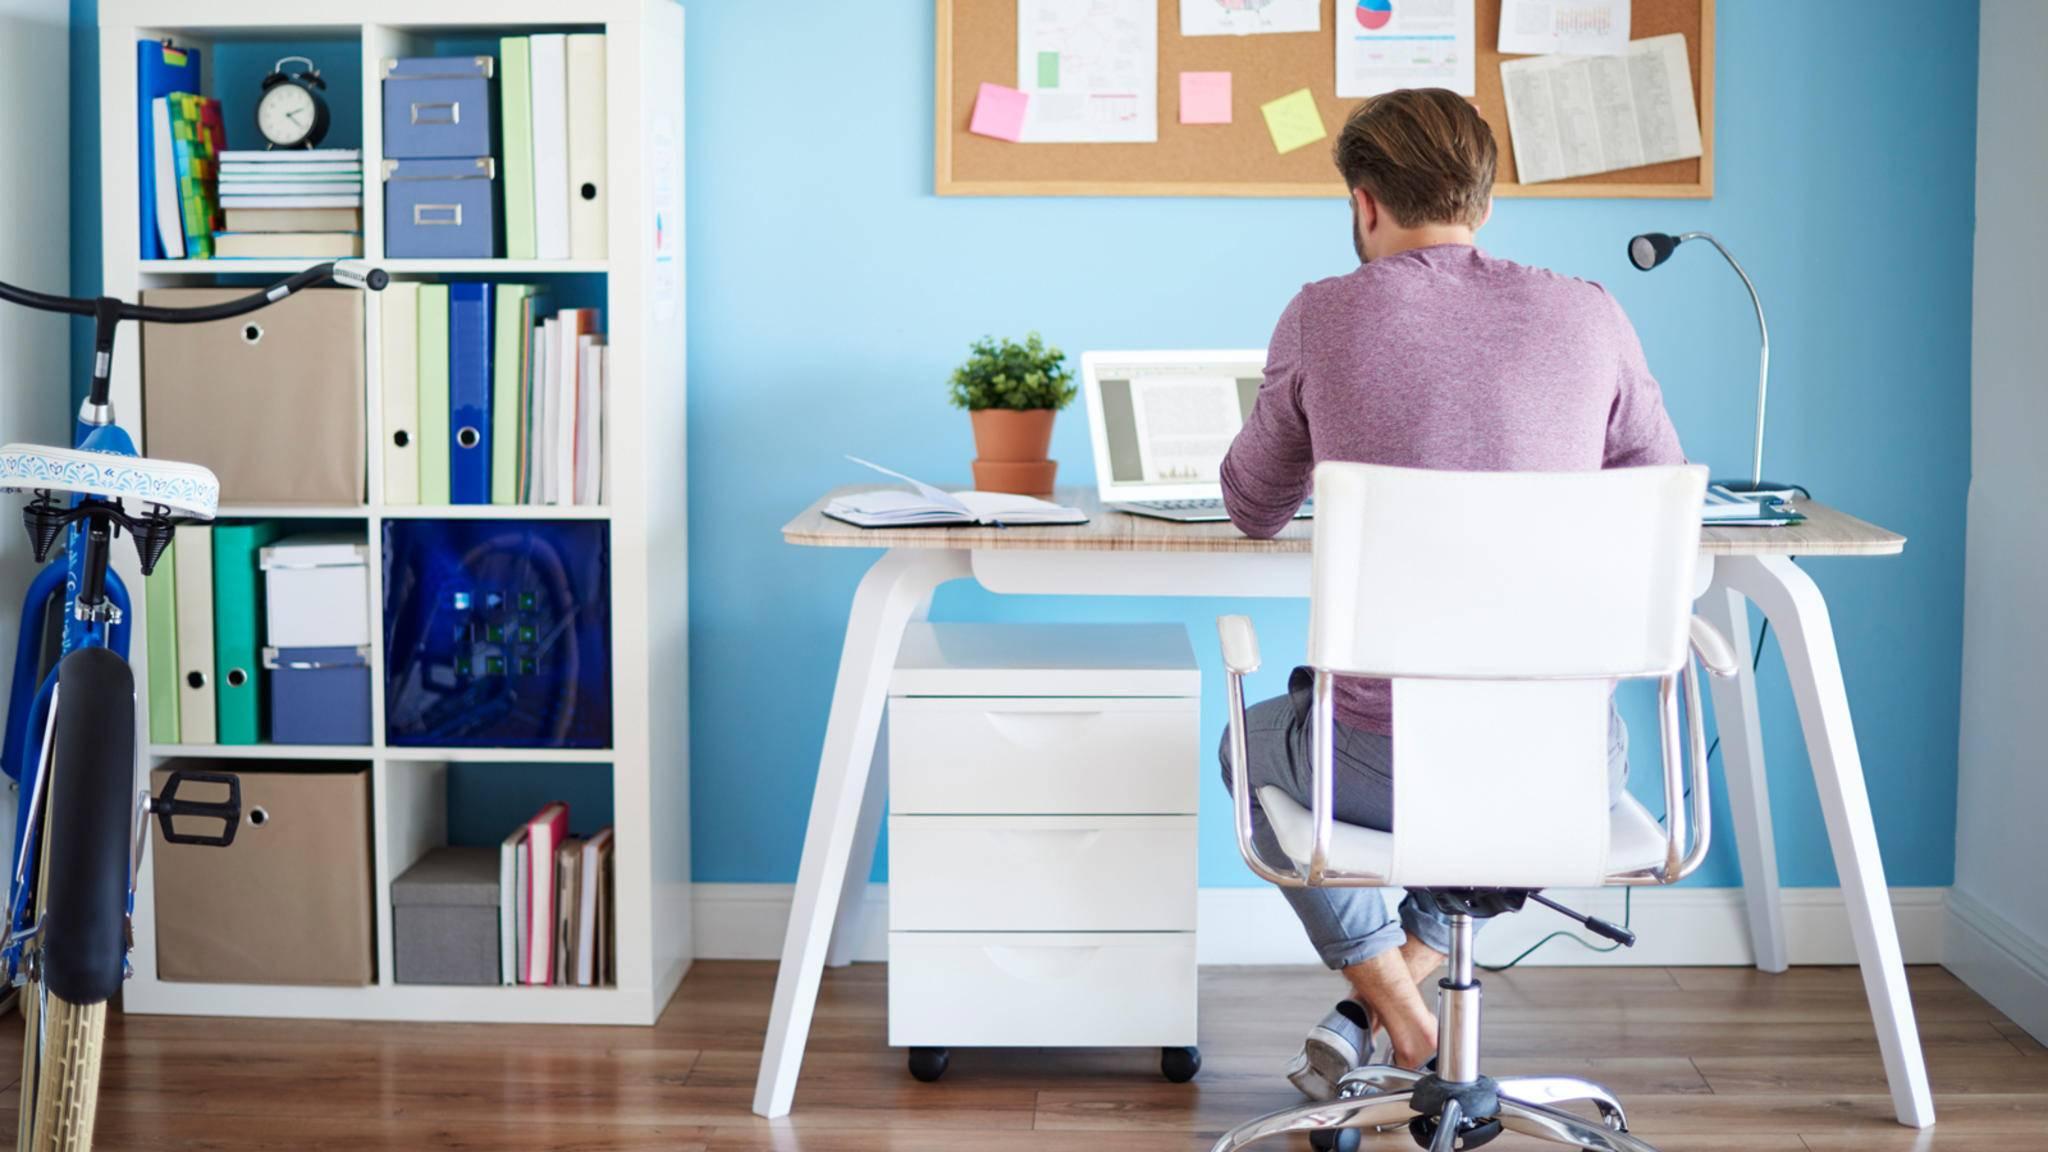 Um im Home-Office auf Dauer effektiv arbeiten zu können, gilt es, Einiges zu beachten.